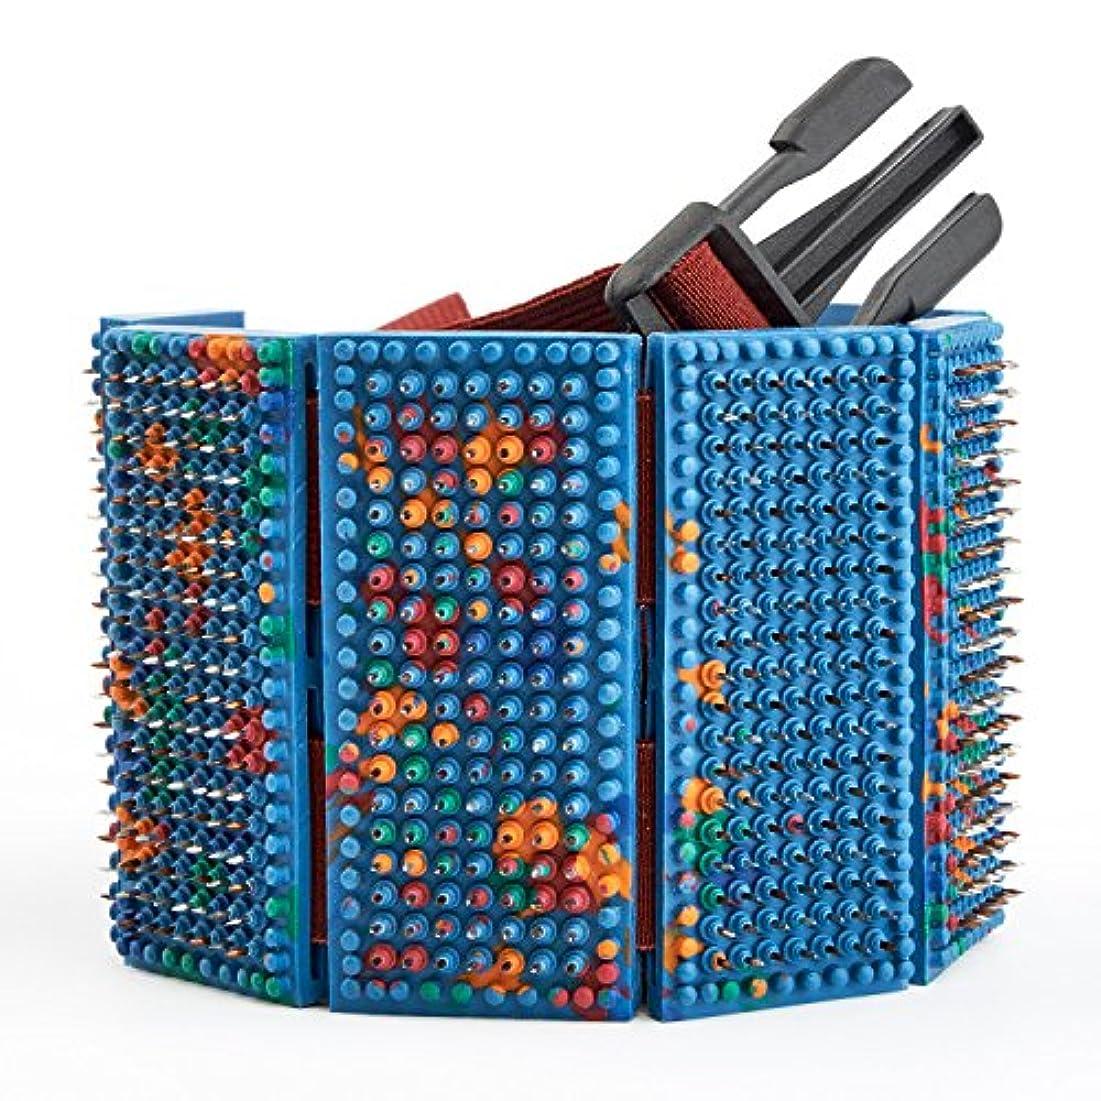 散文大学生蒸留LYAPKO Acupuncture Belt KID 3.5 Ag 960 Needles 6 Plates with 2 Adjustable Belts. Premium Acupressure Massager...